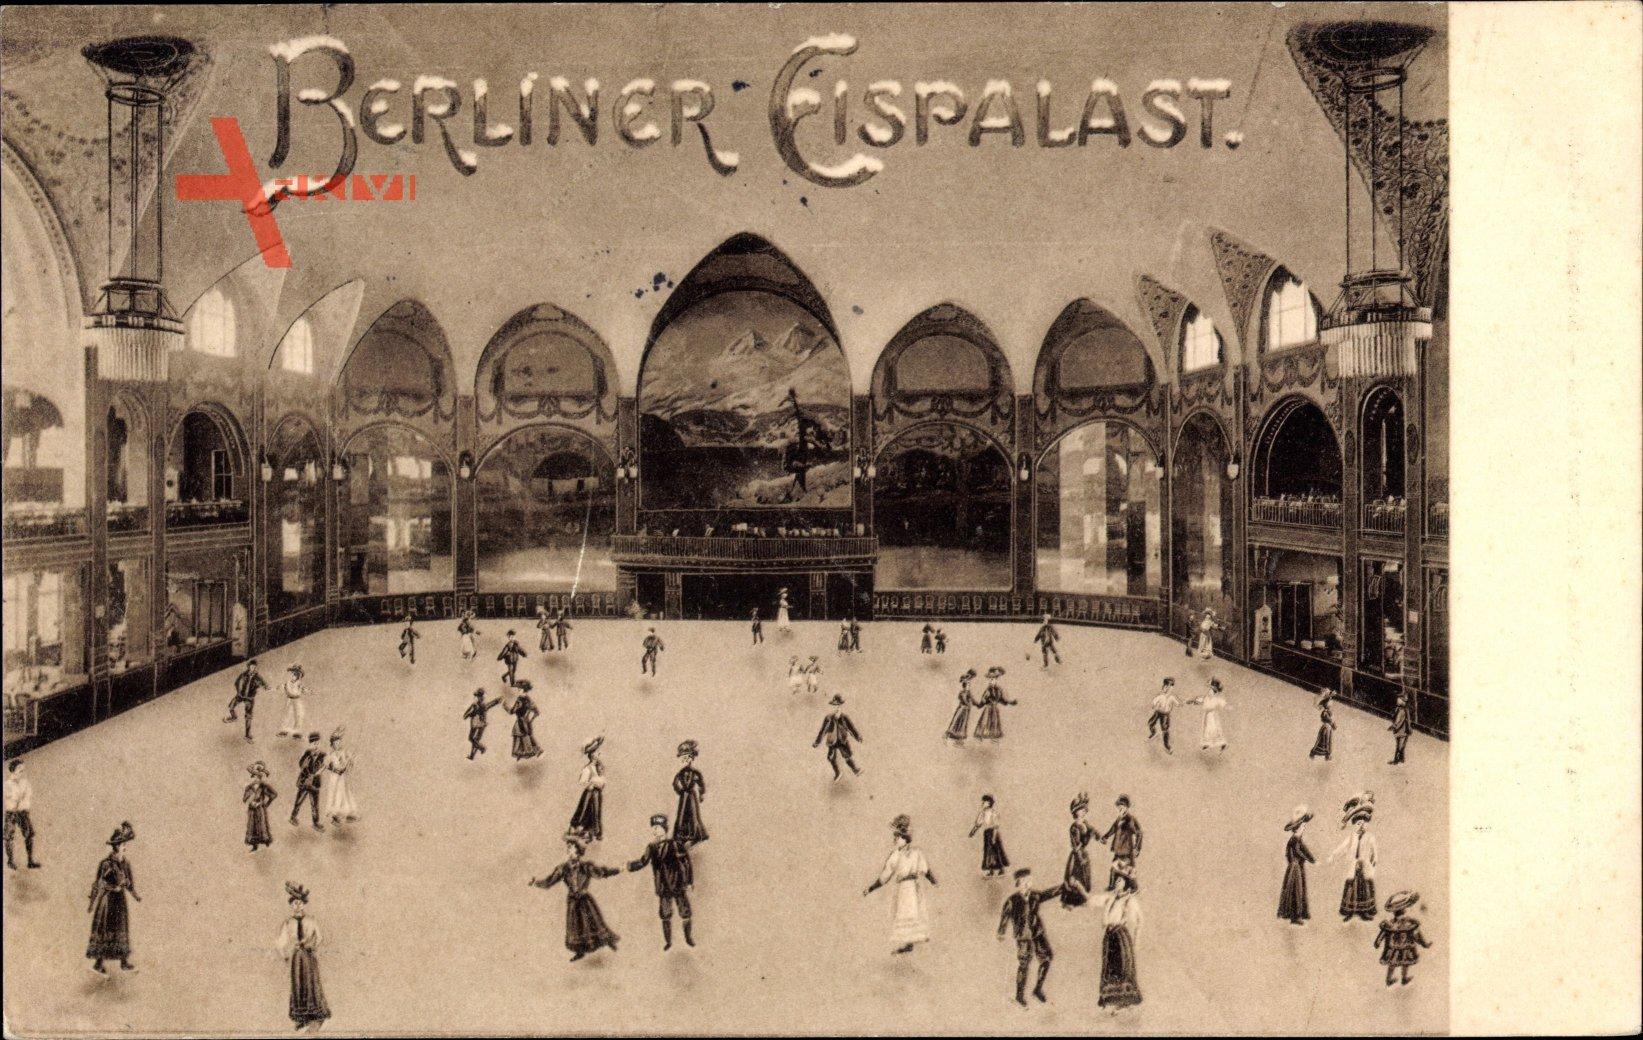 Berlin, Innenansicht des Eispalastes, Eisbahn, Eisläufer